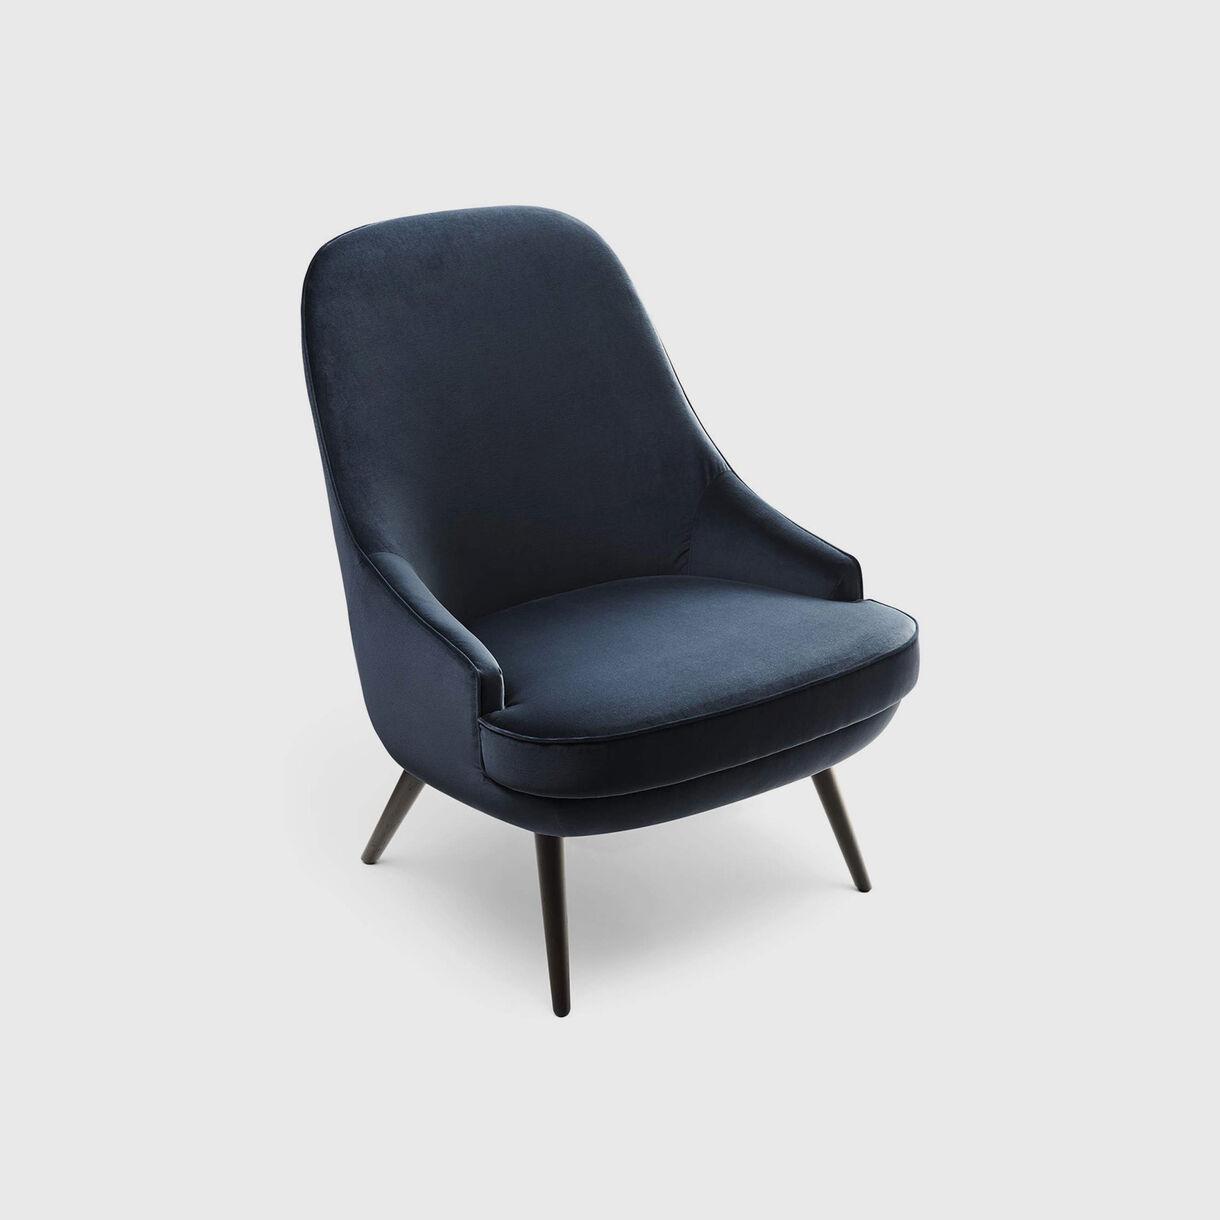 375 Armchair